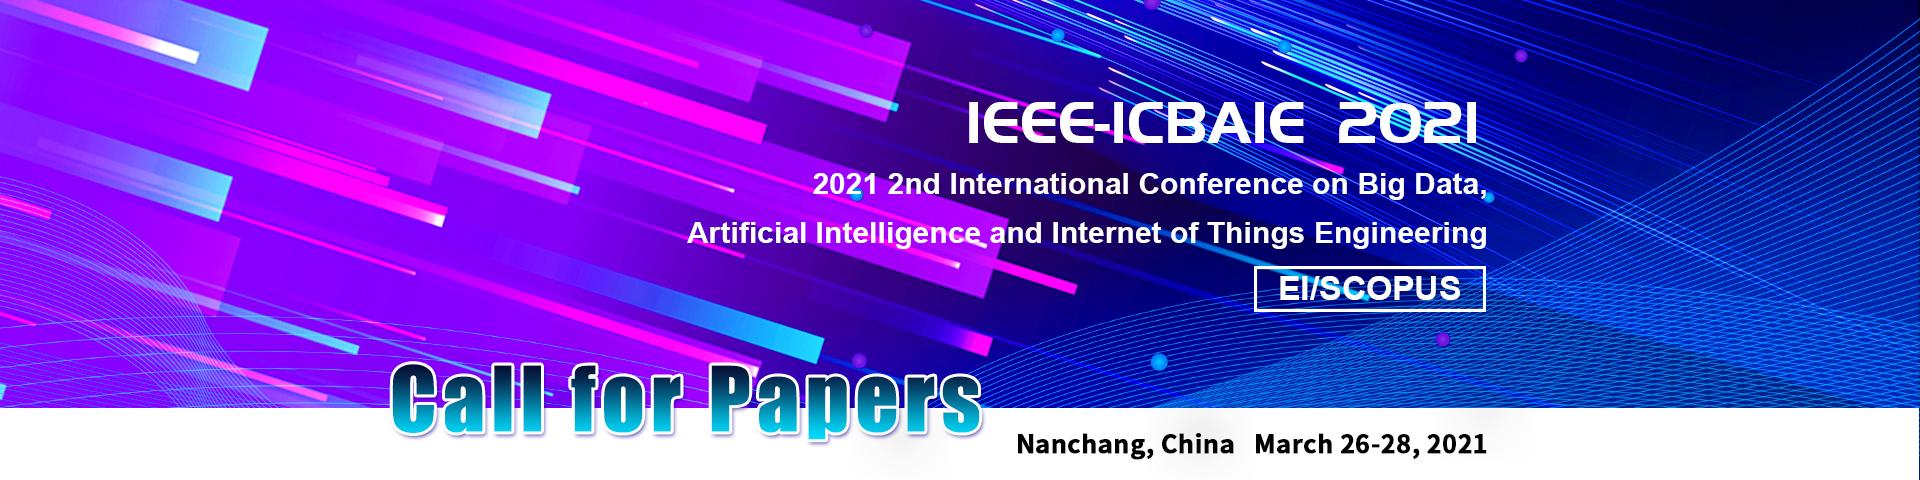 3月南昌ICBAIE2021建网-banner英文-何雪仪-20200812.jpg